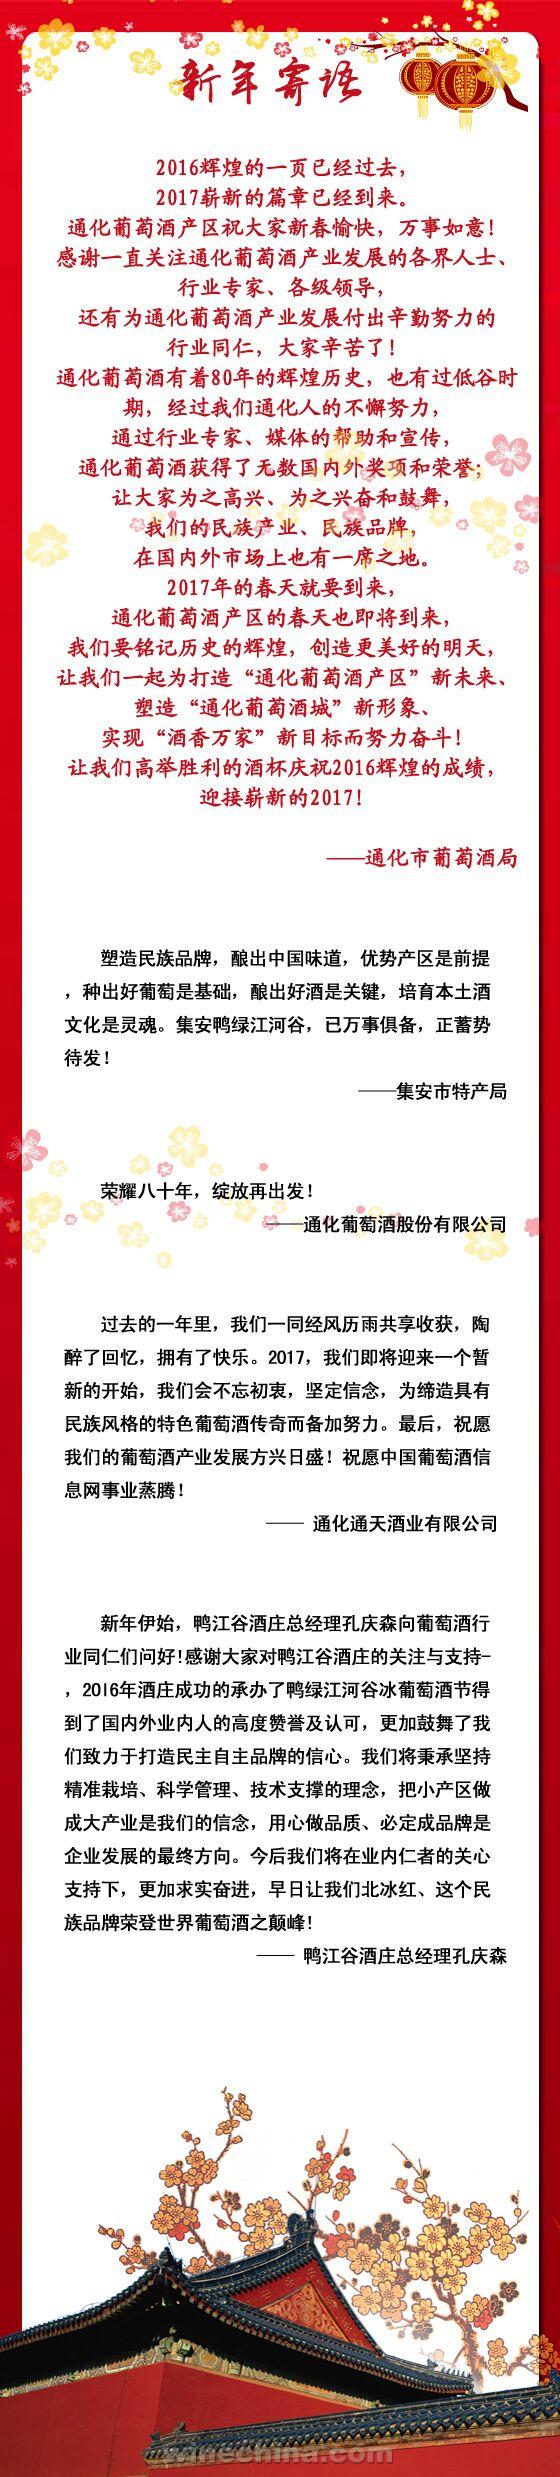 中国葡萄酒行业新年寄语(五)